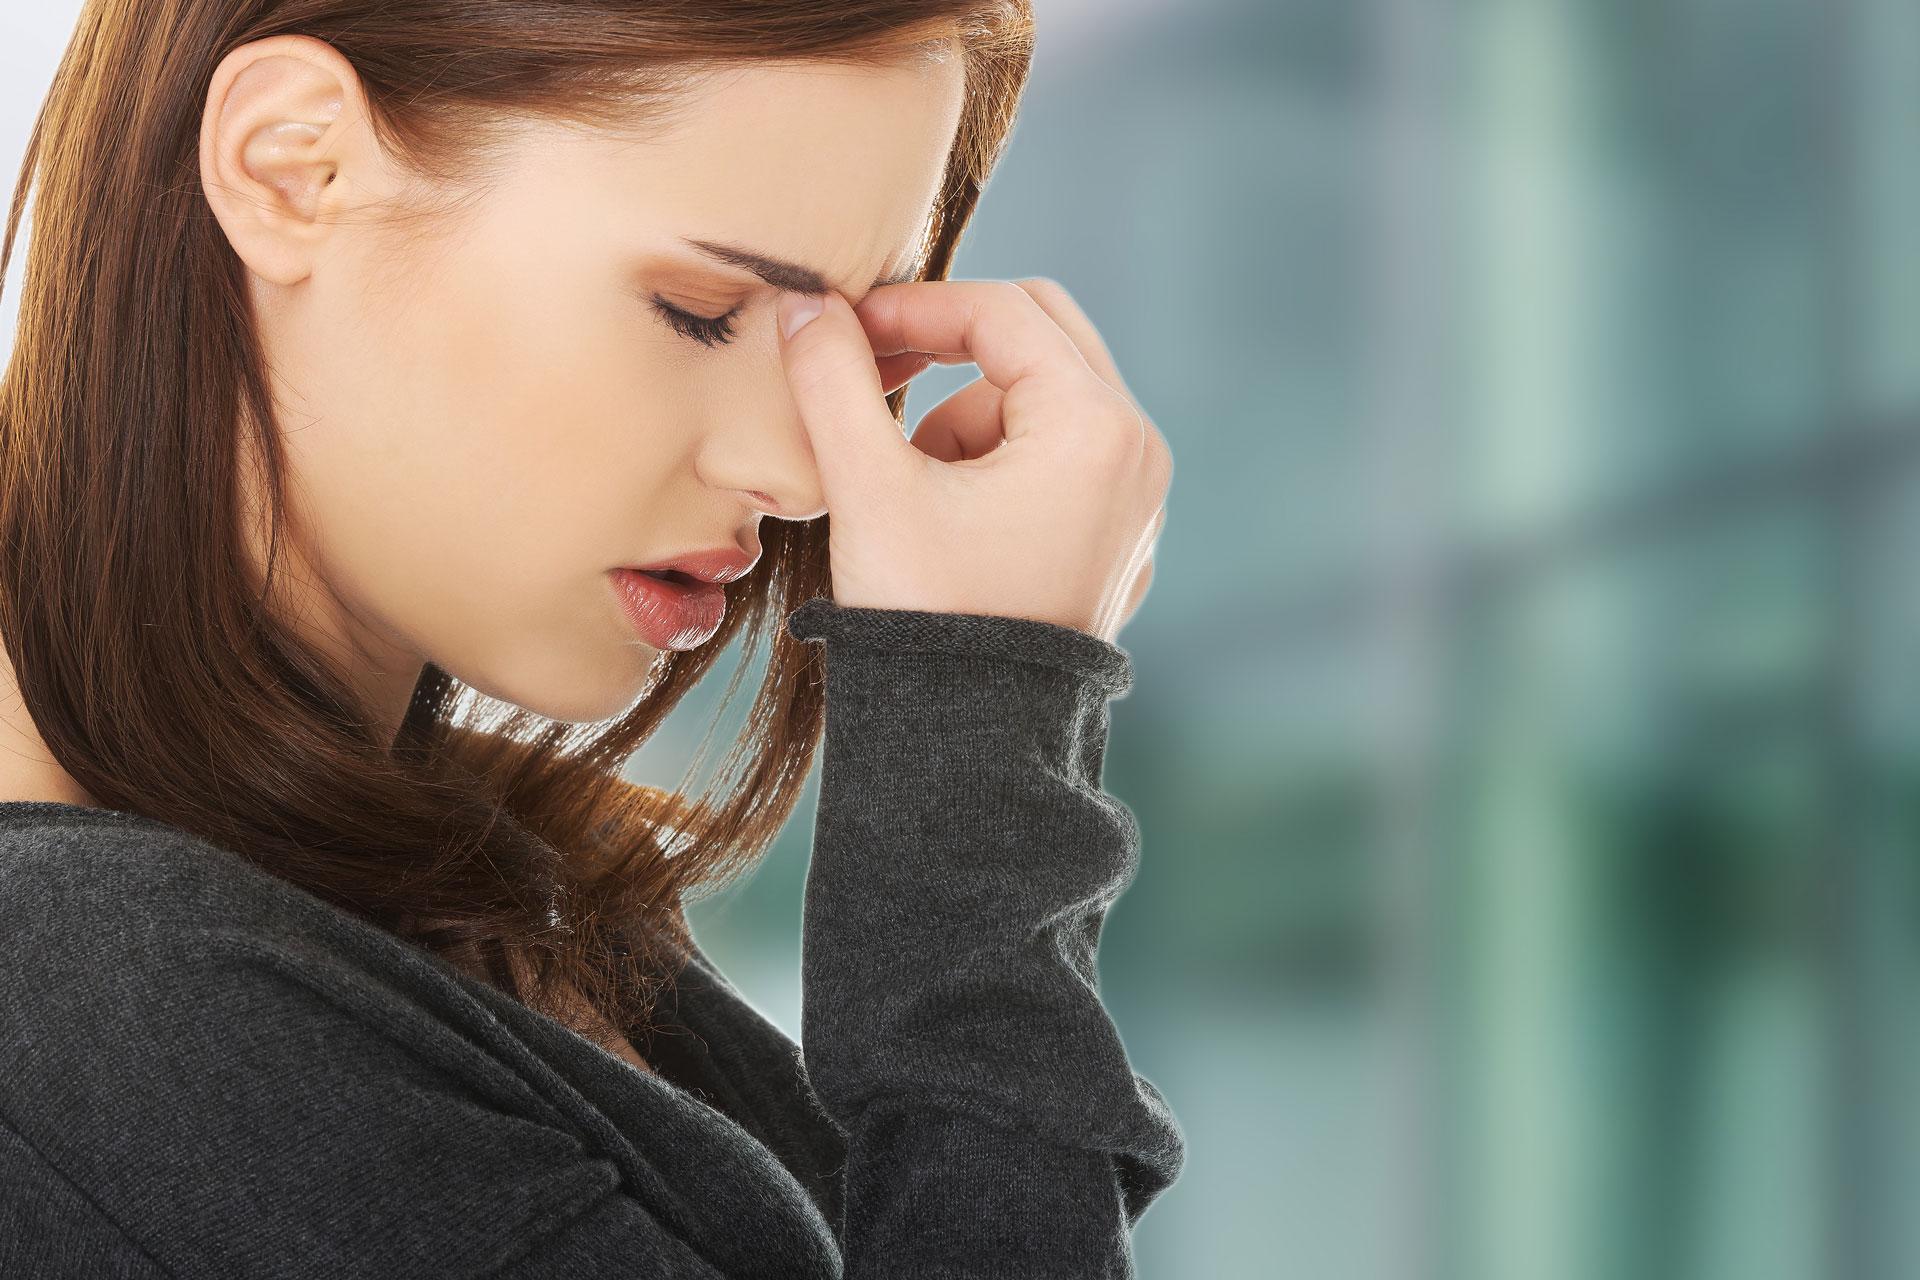 A szemcseppek károsíthatják-e a látást